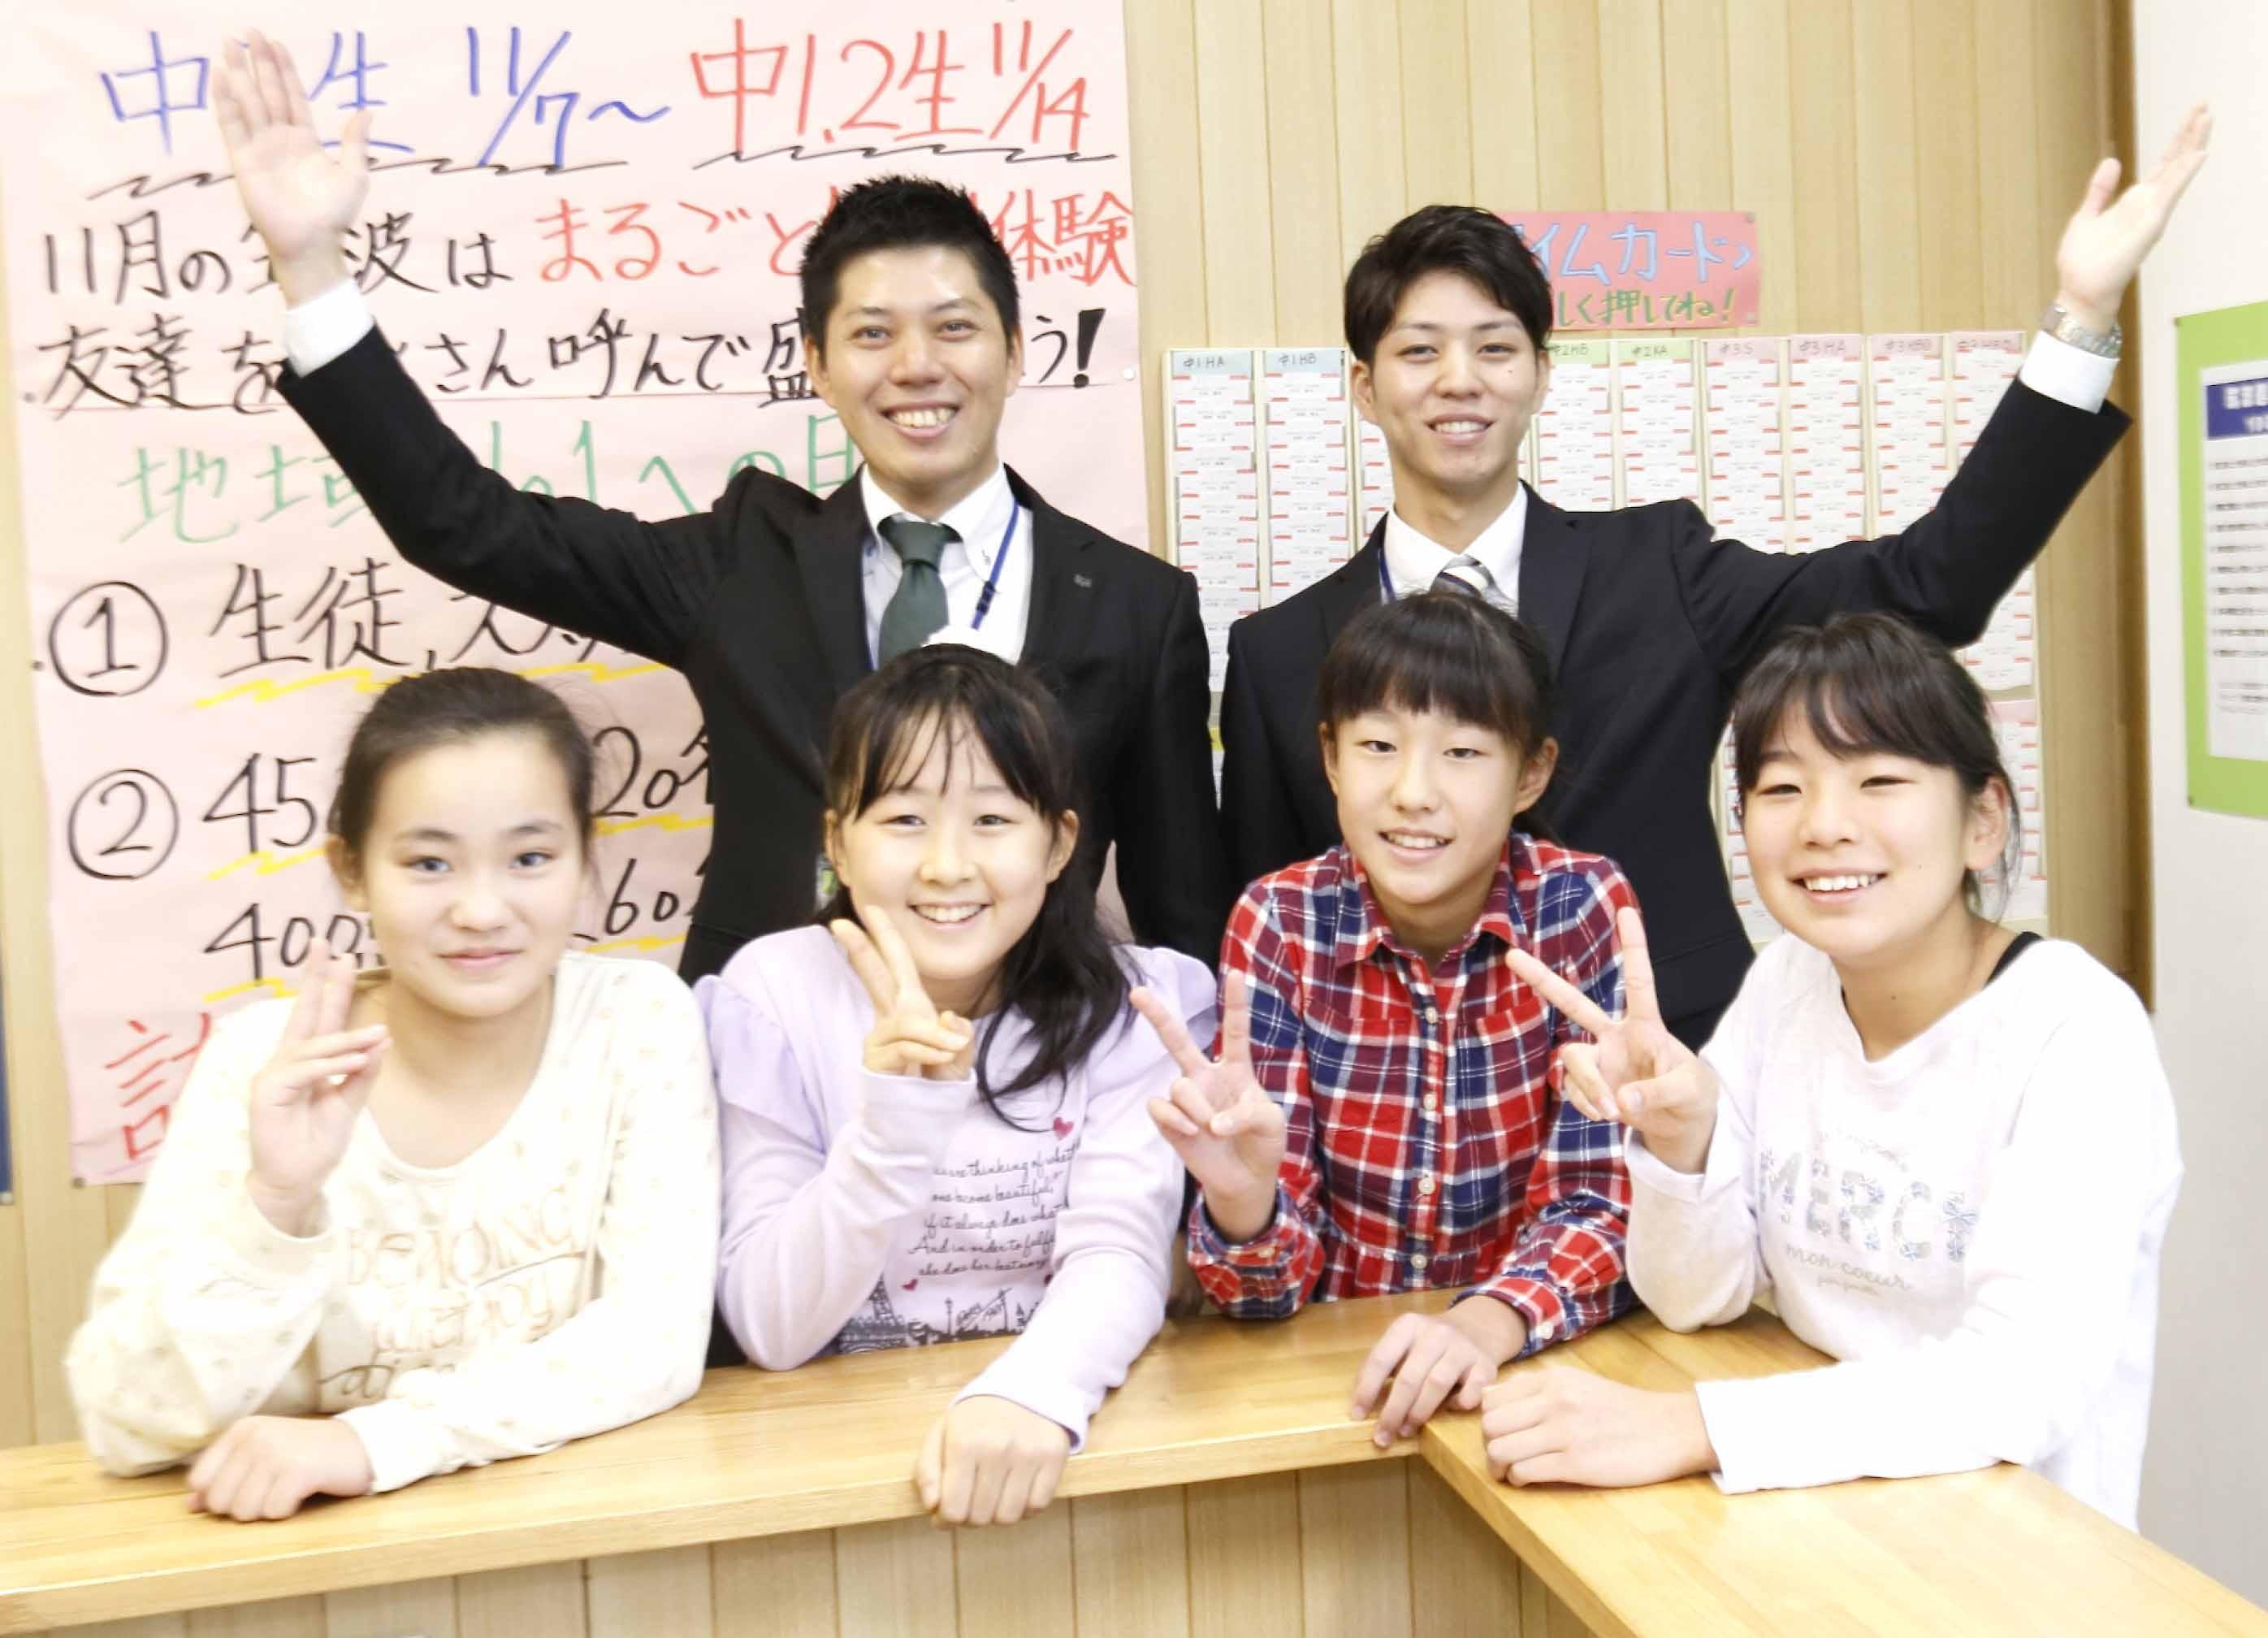 筑波進研スクール 南越谷教室のアルバイト情報